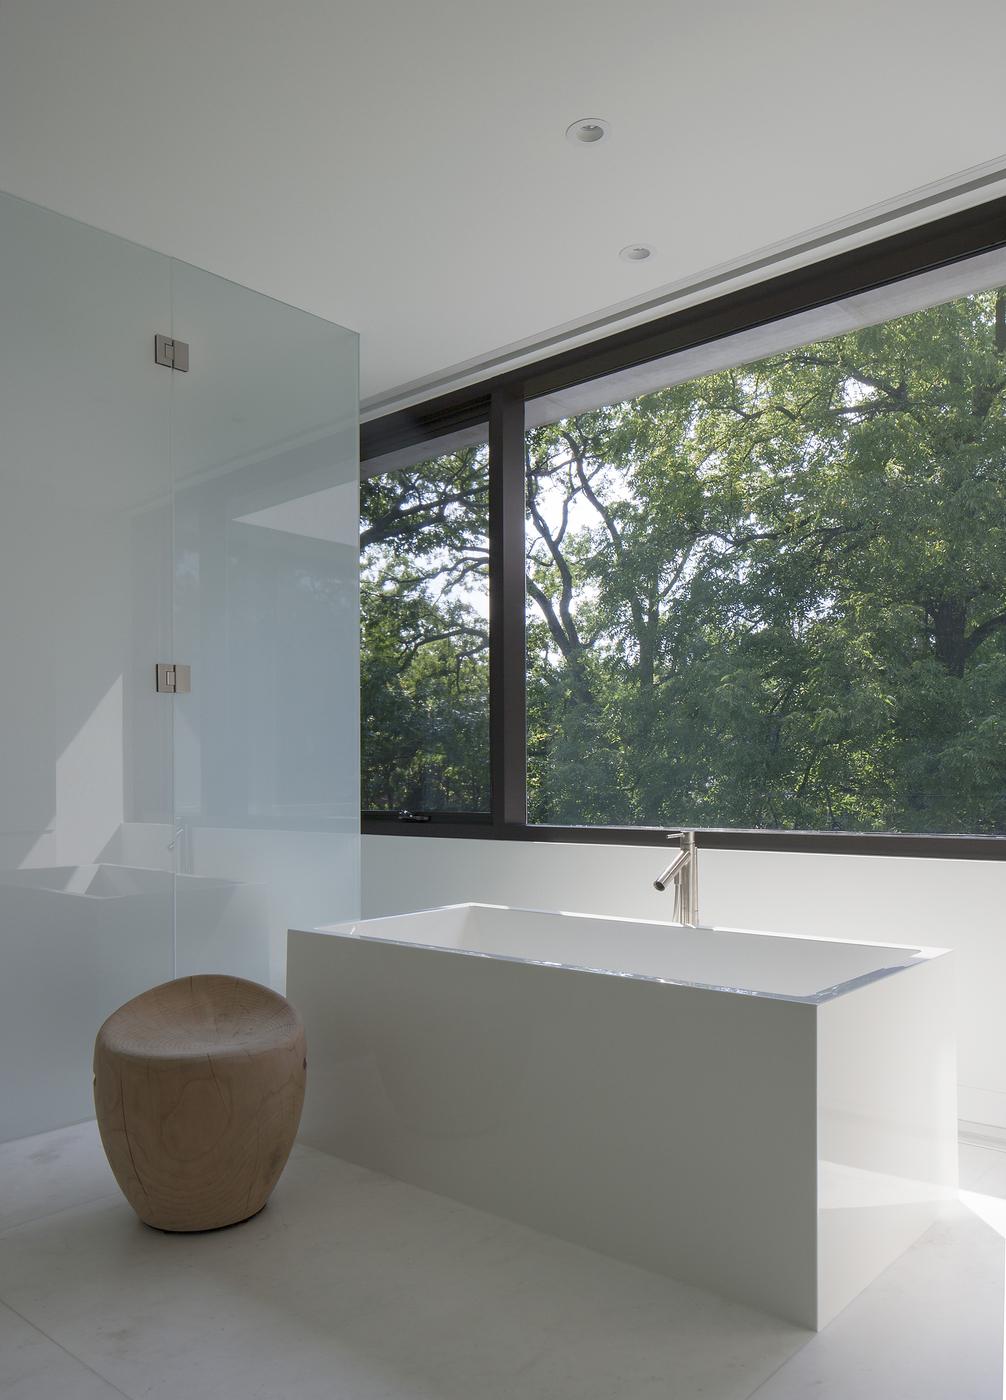 Kylpyhuoneen suunnittelua